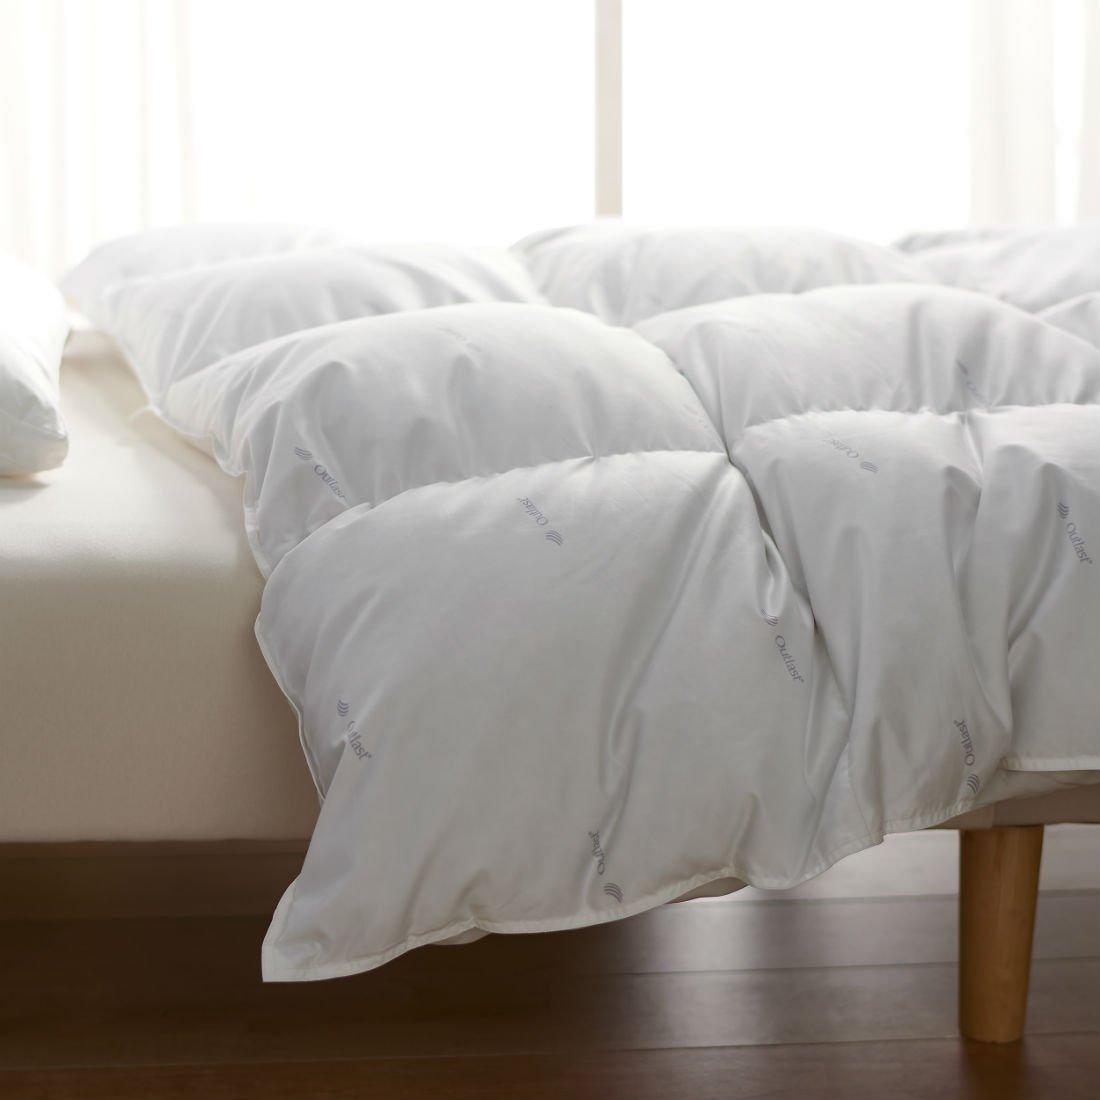 暮らしのデザインアウトラスト温度調節生地 羽毛布団スタンダード シングル B071JBB75J